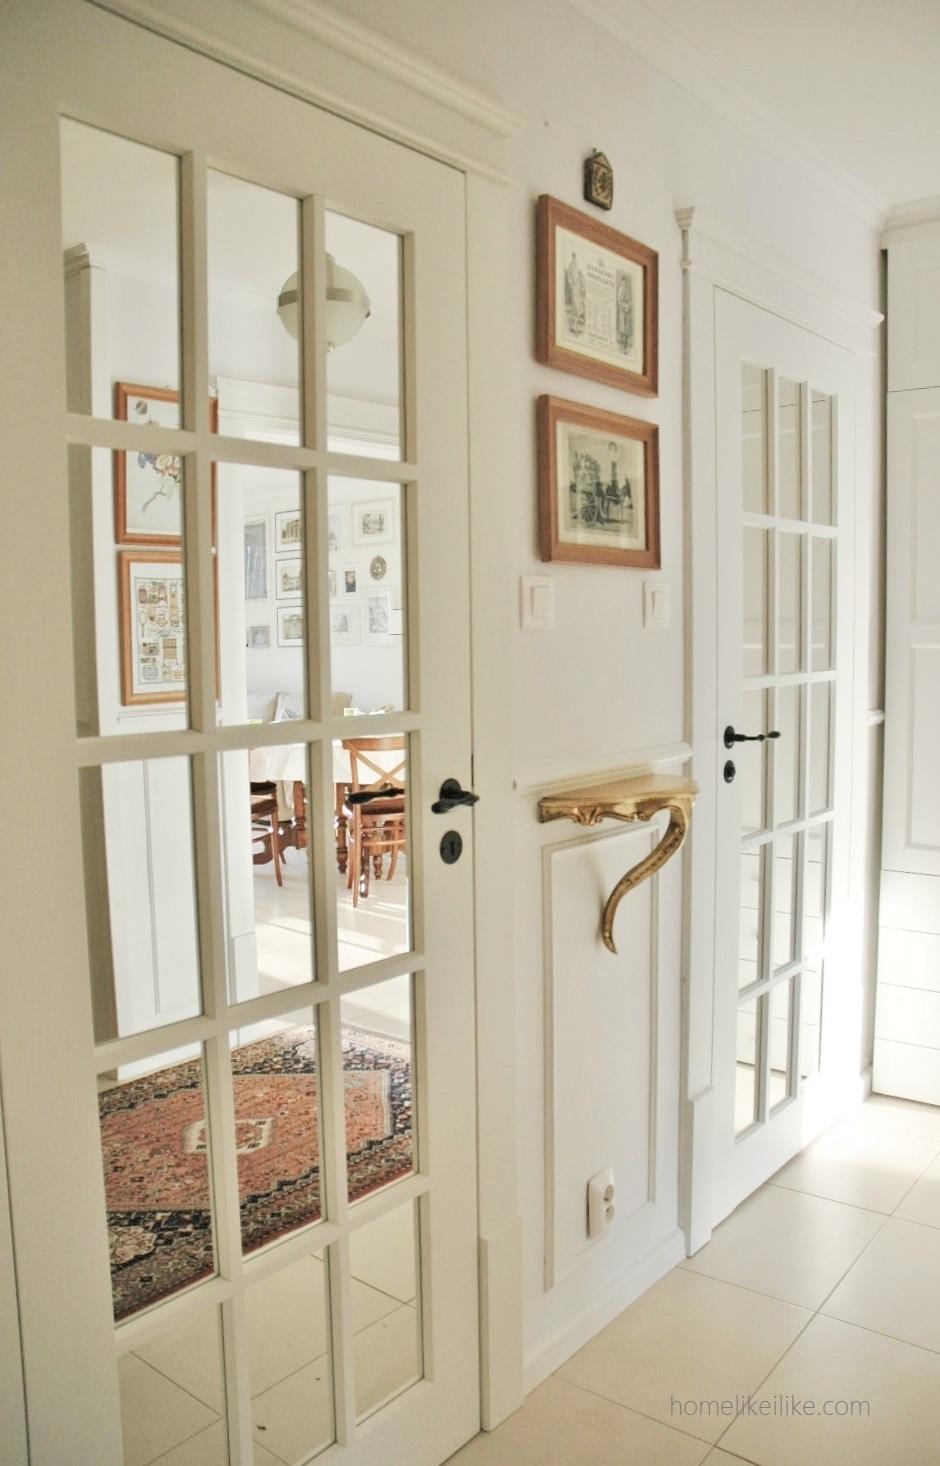 french doors - drzwi francuskie - homelikeilike.com